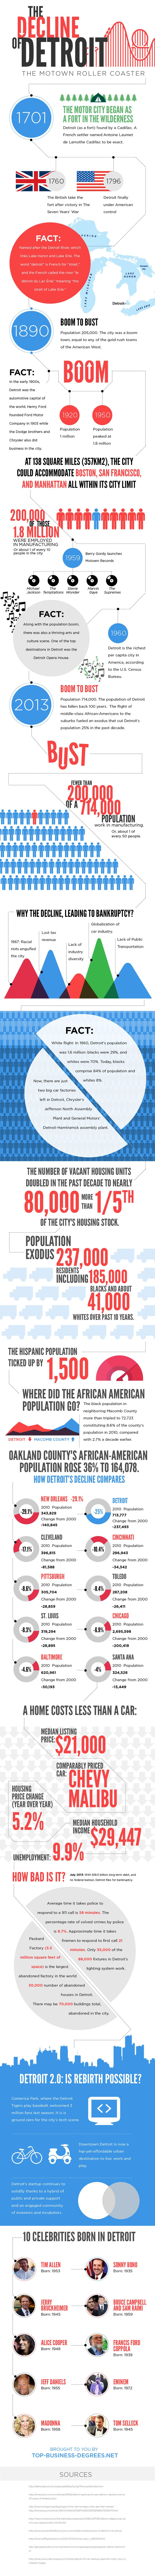 The Decline of Detroit